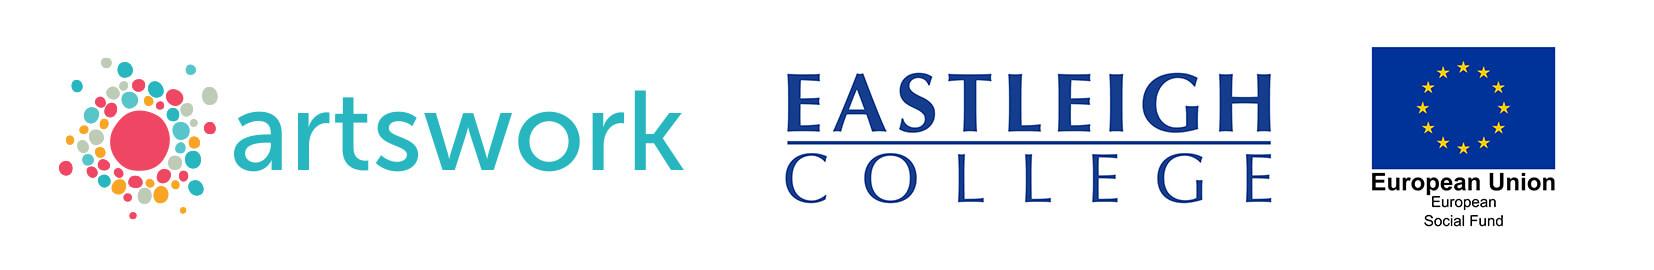 Artswork, Eastleigh College & European Union Social Fund logos